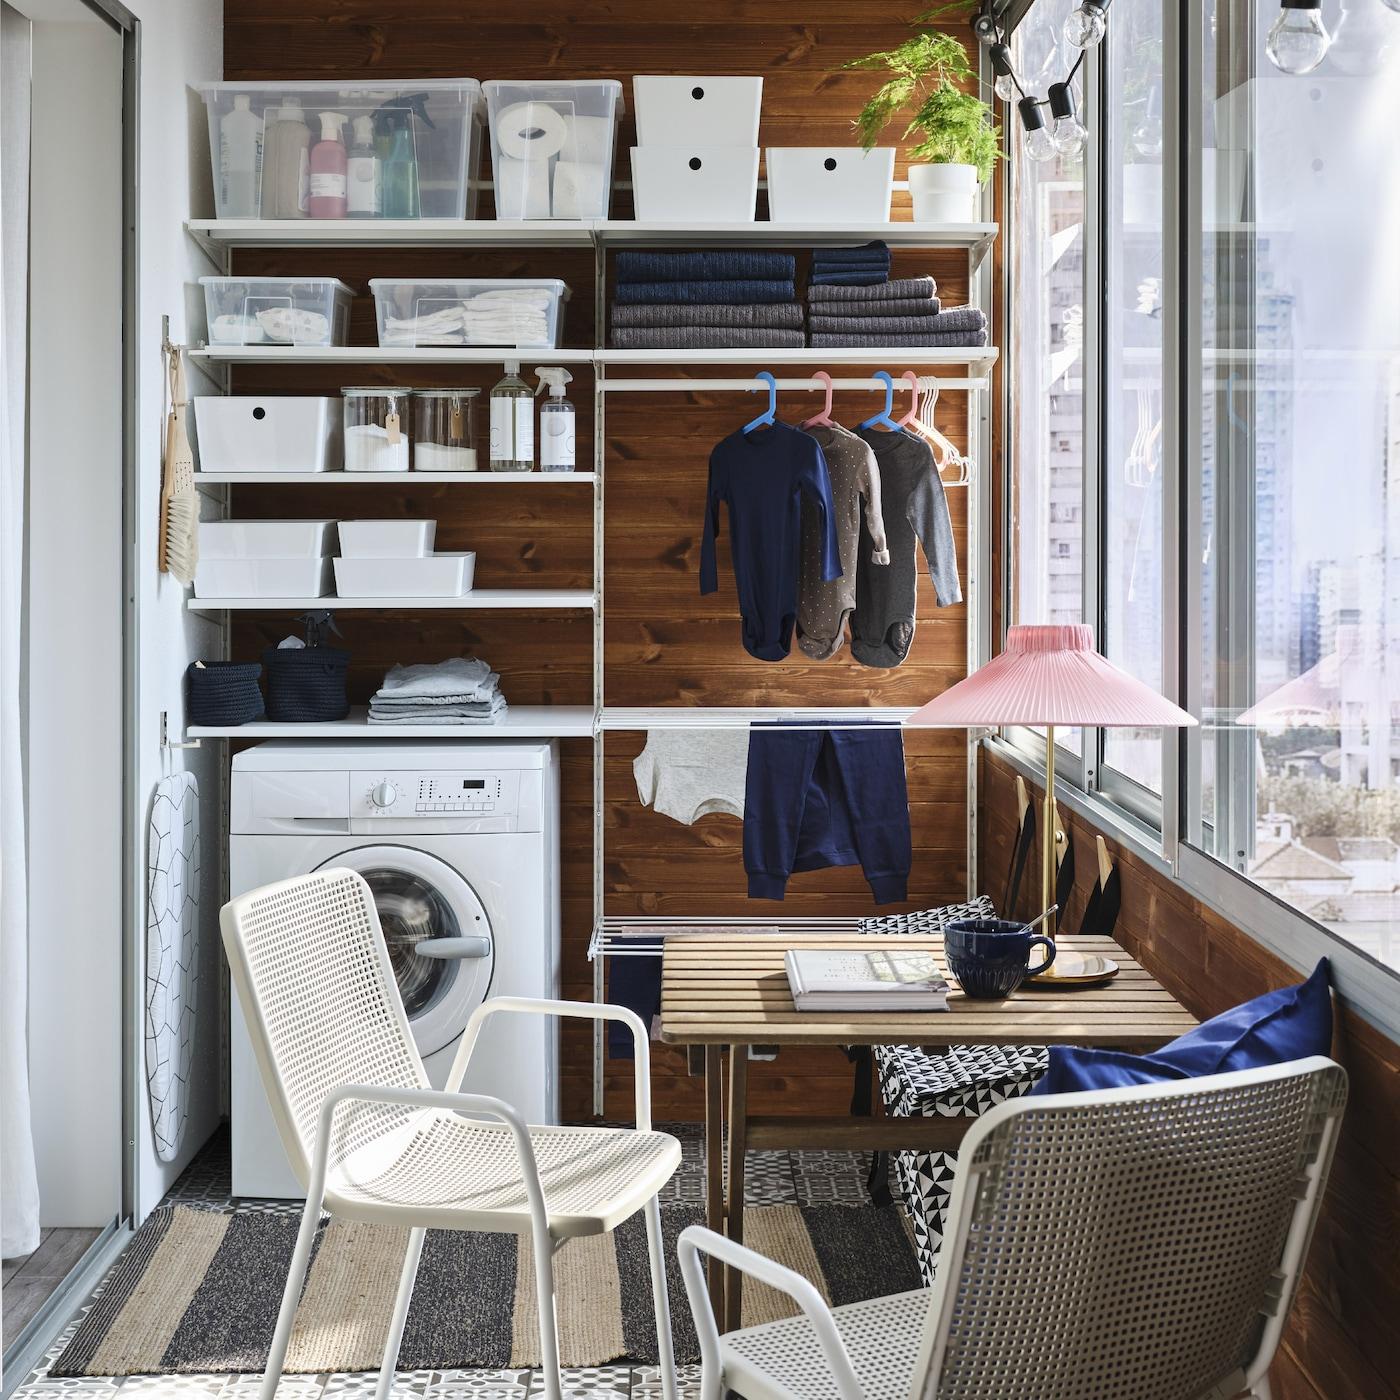 Niewielki balkon z białym zestawem do przechowywania na pranie, pralką, małym stolikiem ogrodowym i dwoma biało-beżowymi krzesłami.